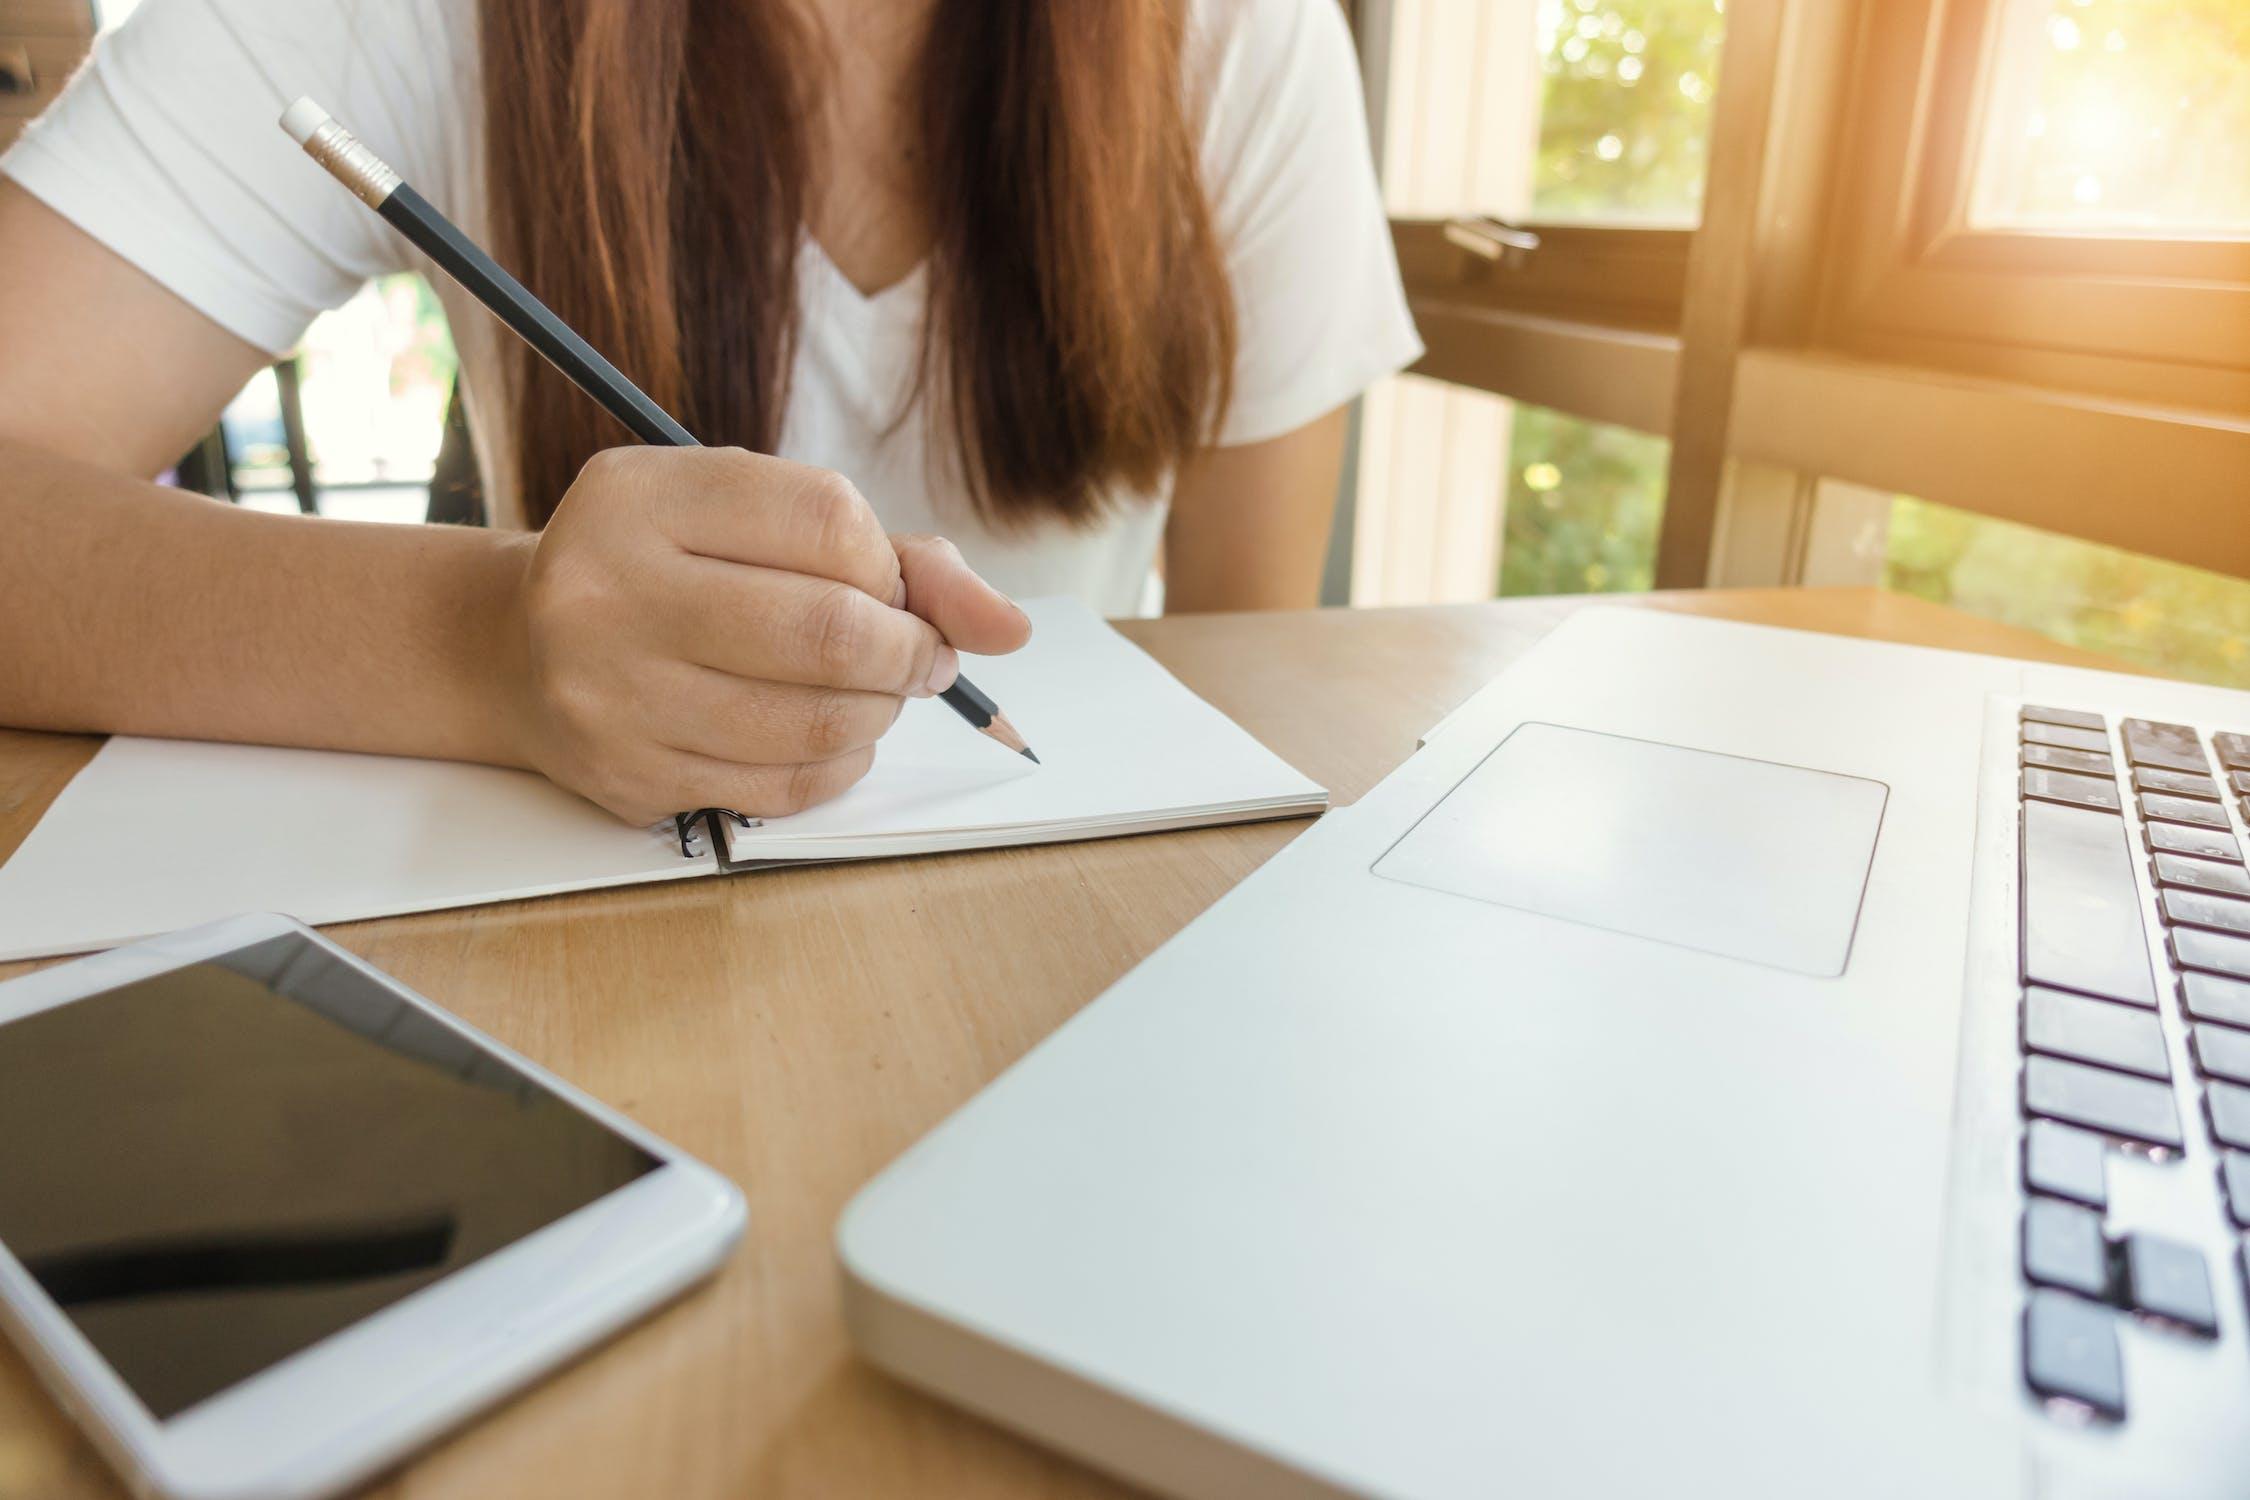 勉強時におけるエナジードリンクの効果やメリット